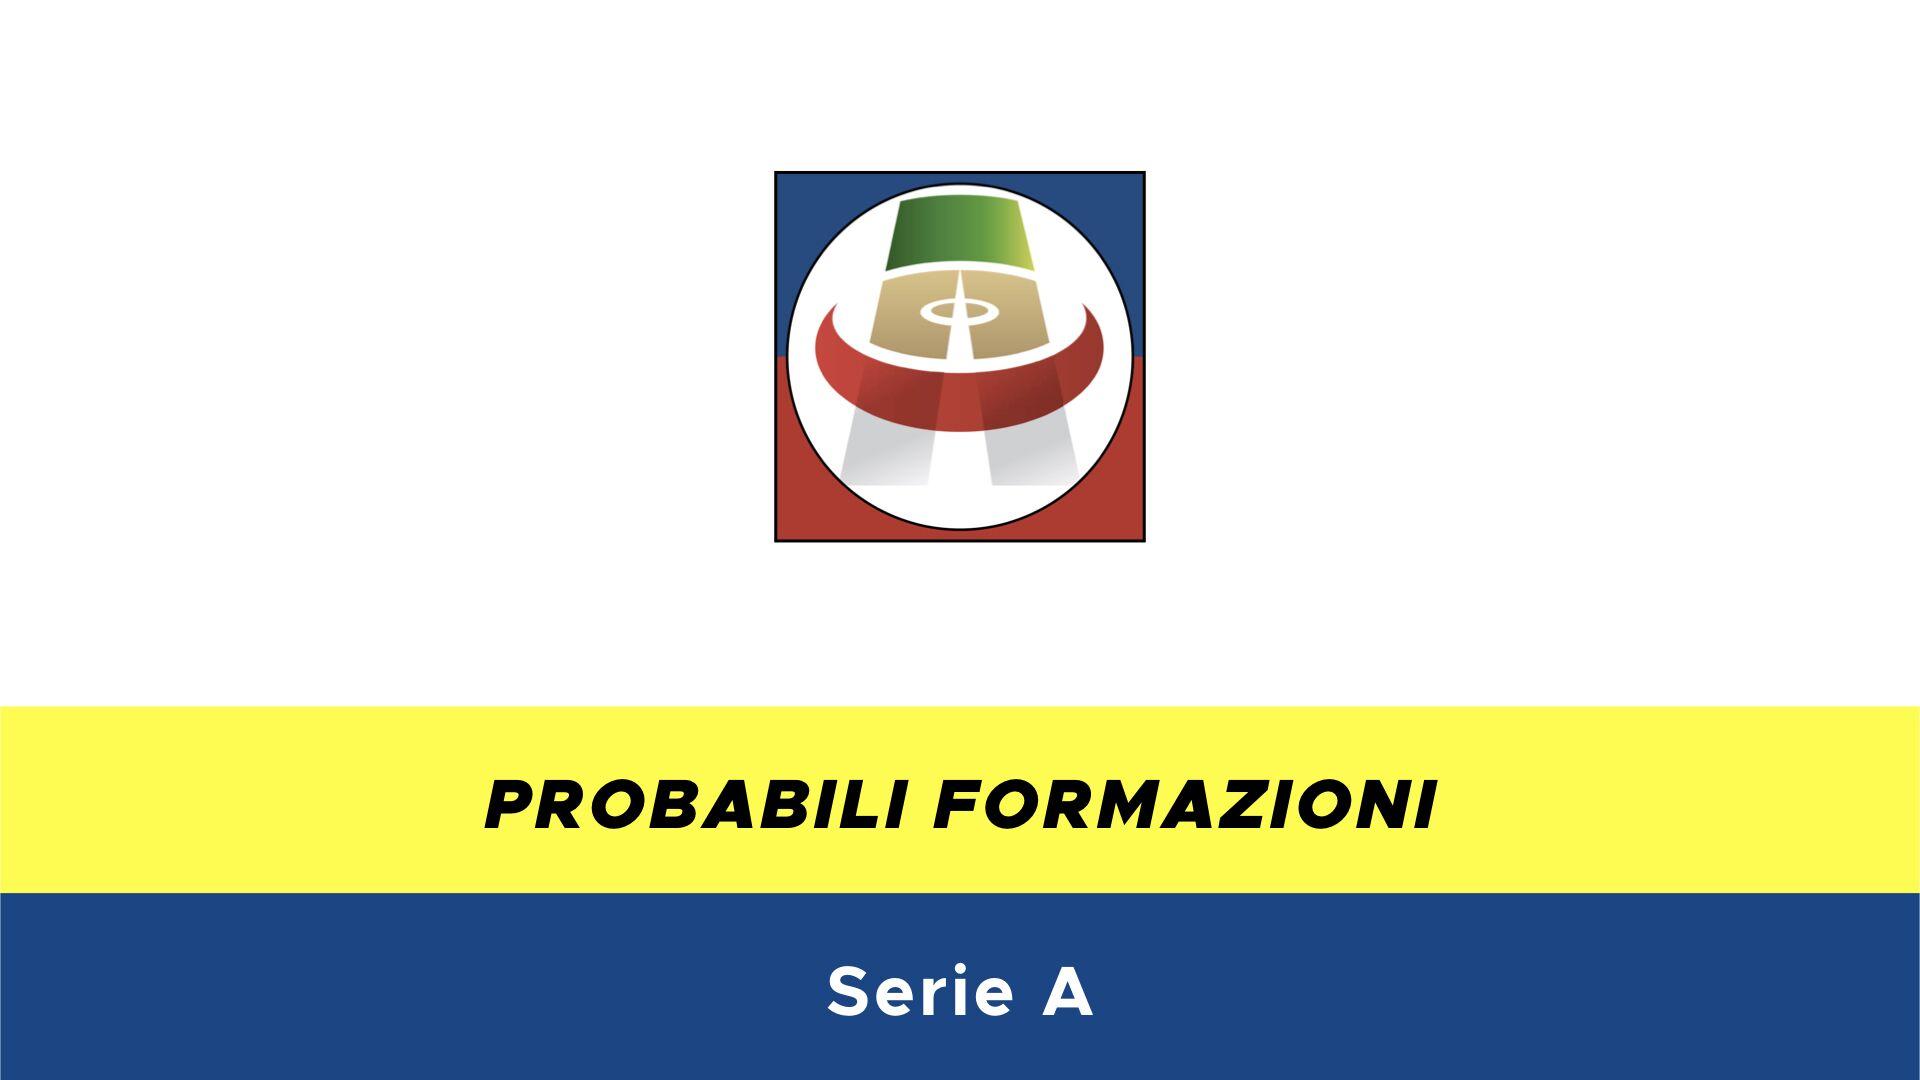 Probabili formazioni Serie A 2019/2020: 15° giornata